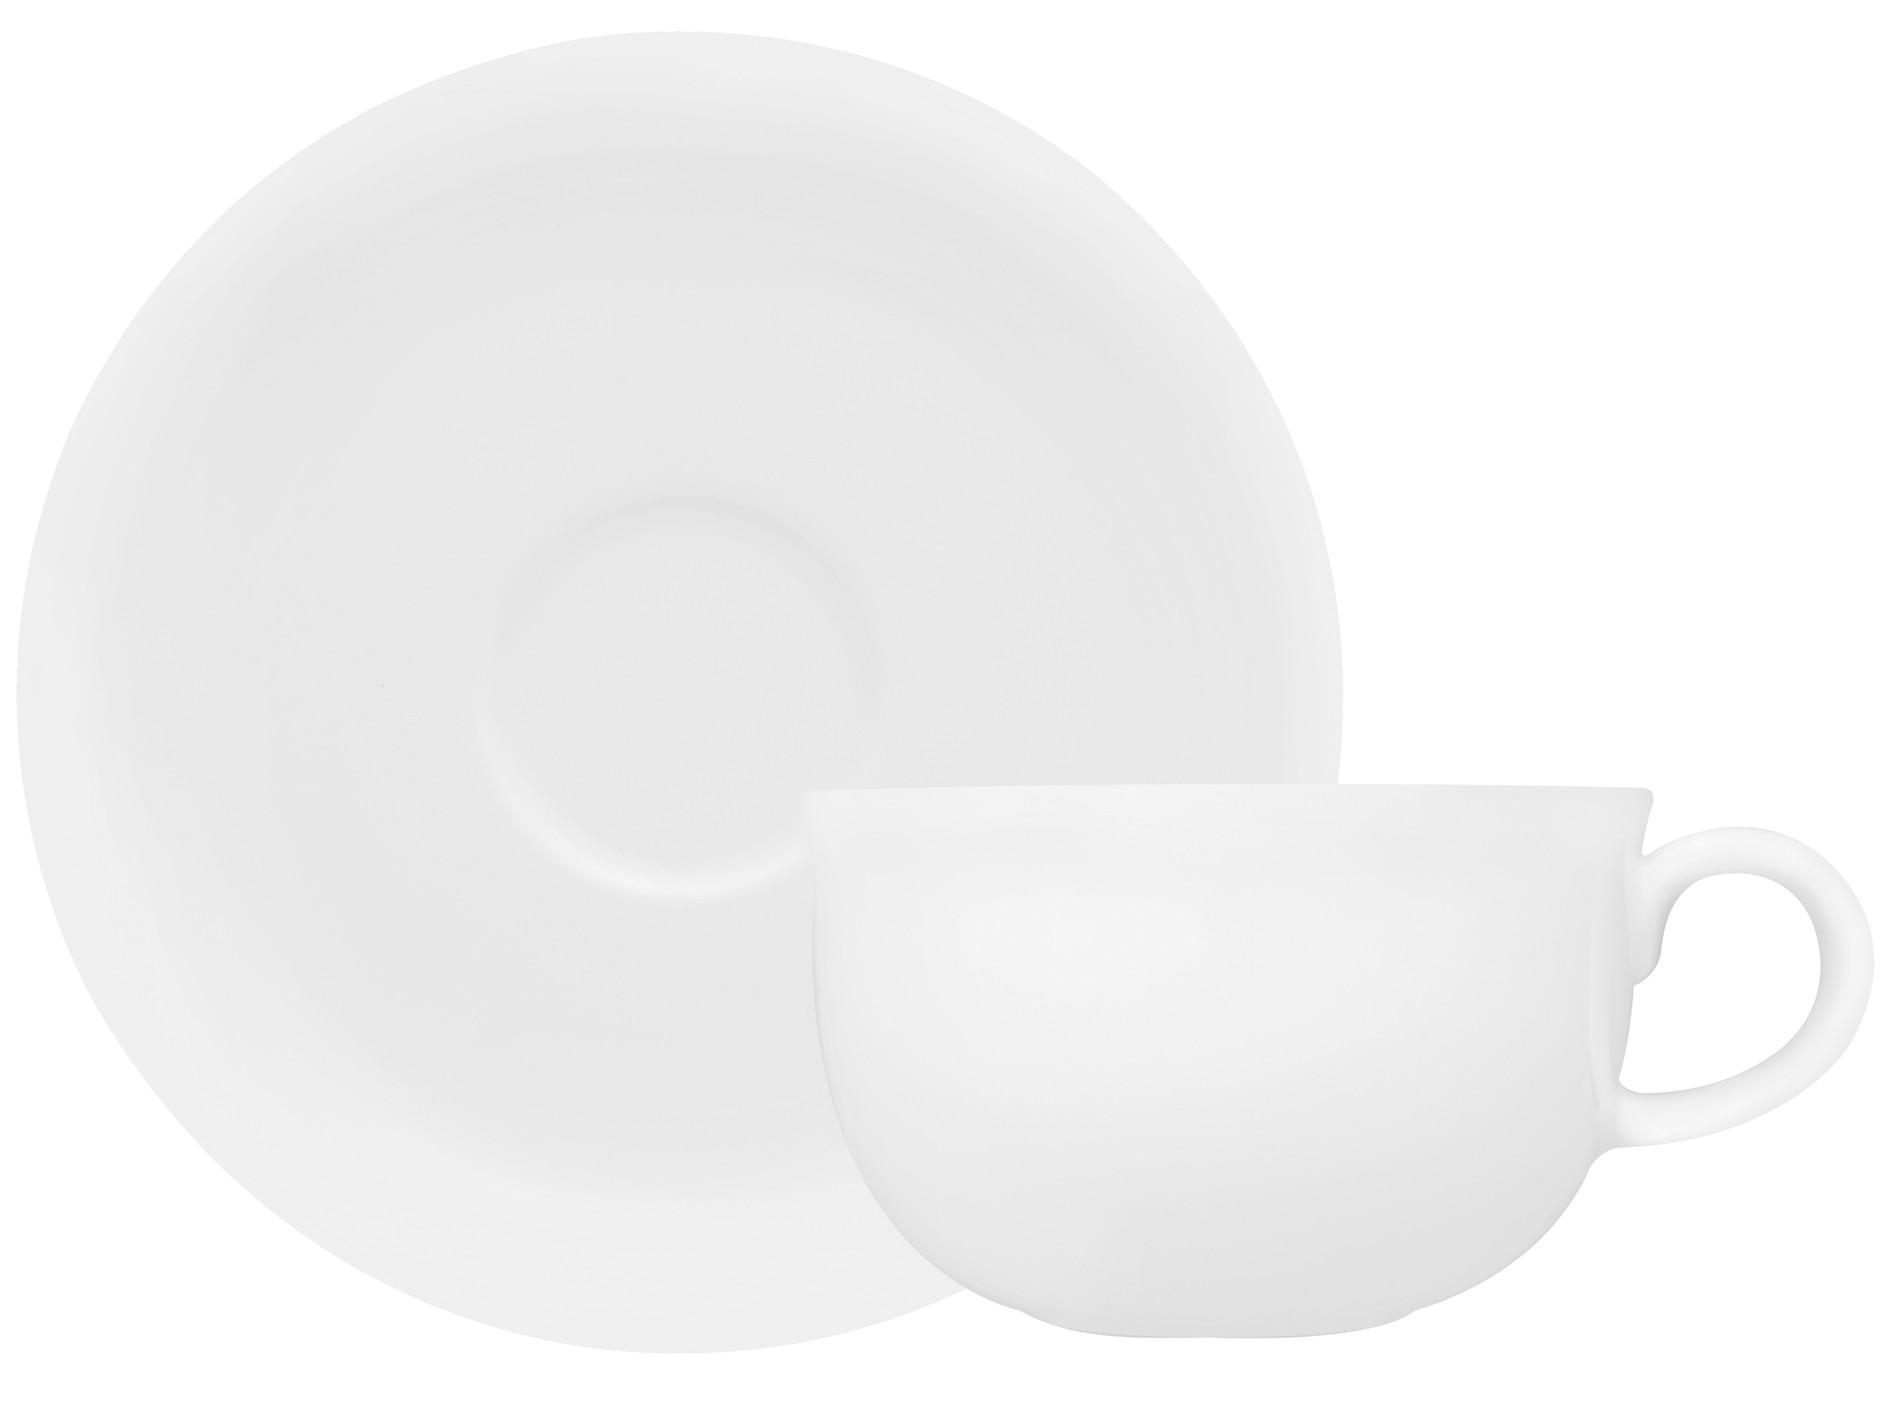 Φλυτζάνι & Πιάτο Τσαγιού Silk Bone China Σετ 6τμχ Ionia home   ειδη cafe τσαϊ   κούπες   φλυτζάνια